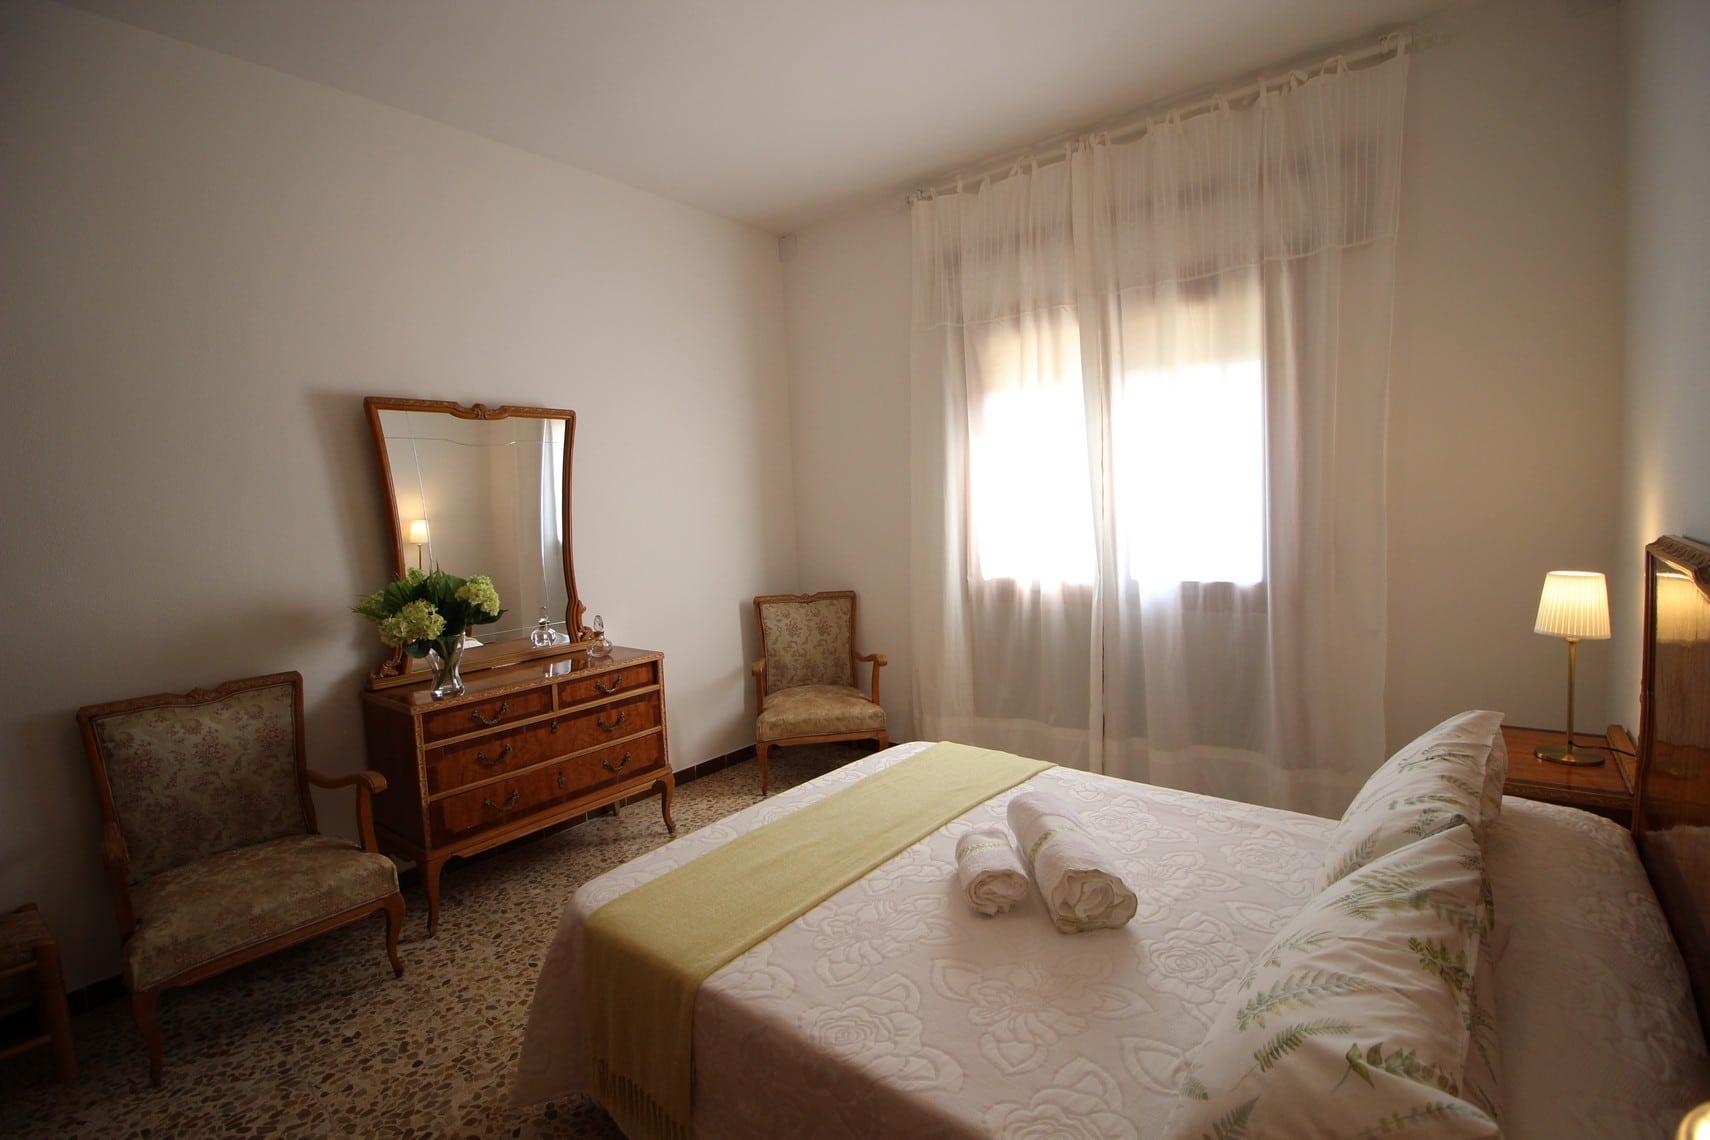 habitación2_las_hazas jarandilla006